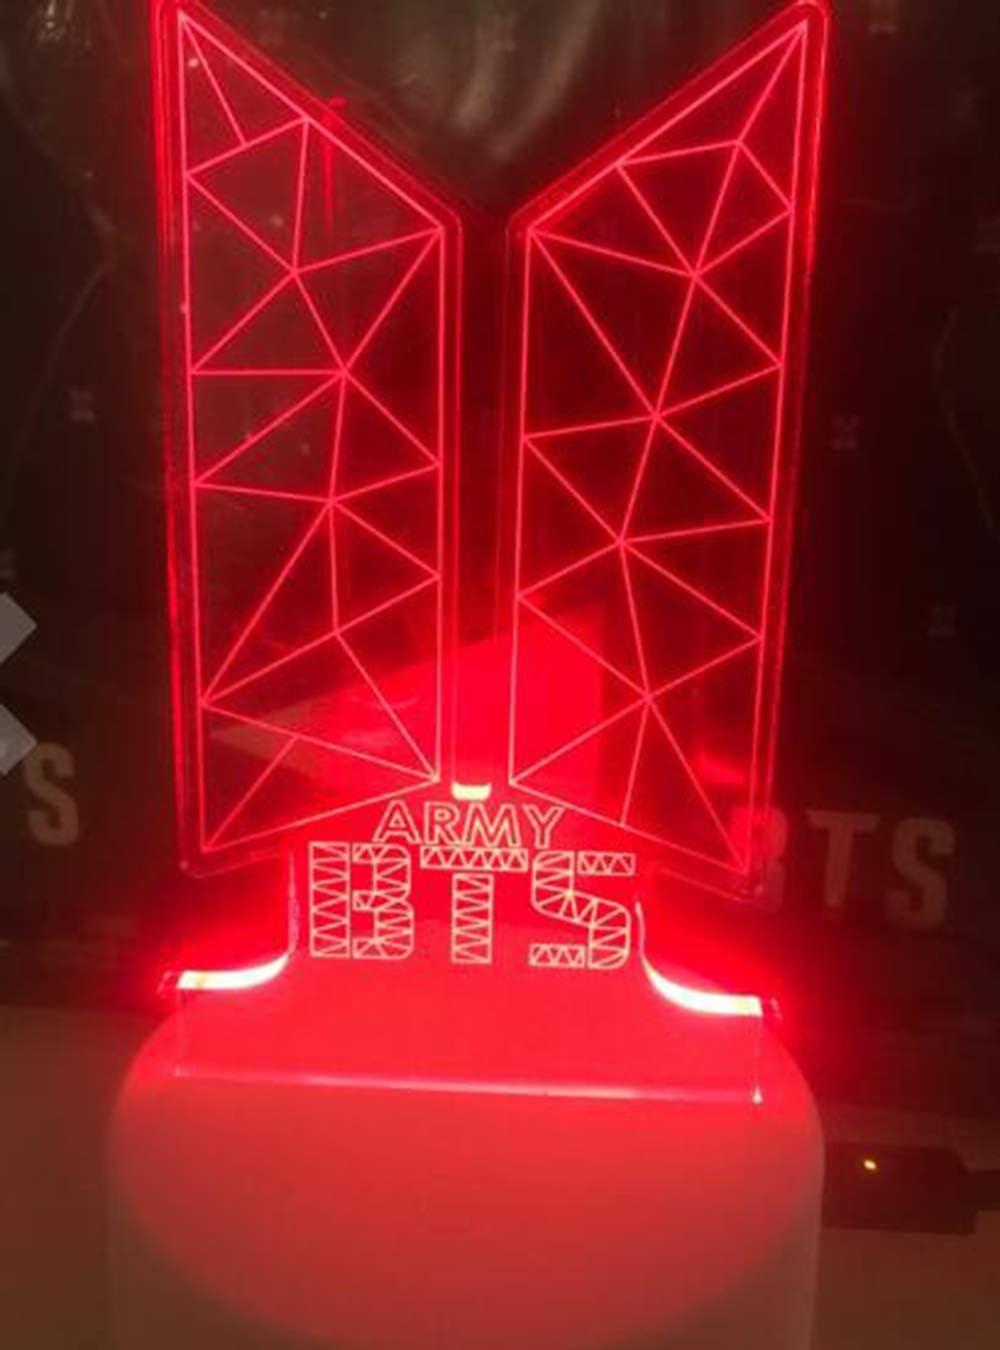 7-Farben-LED Nachtlampe mit milit/ärischem Touch-Schalter BTS Bulletproof Youth League Nachtlampe Tischlampe